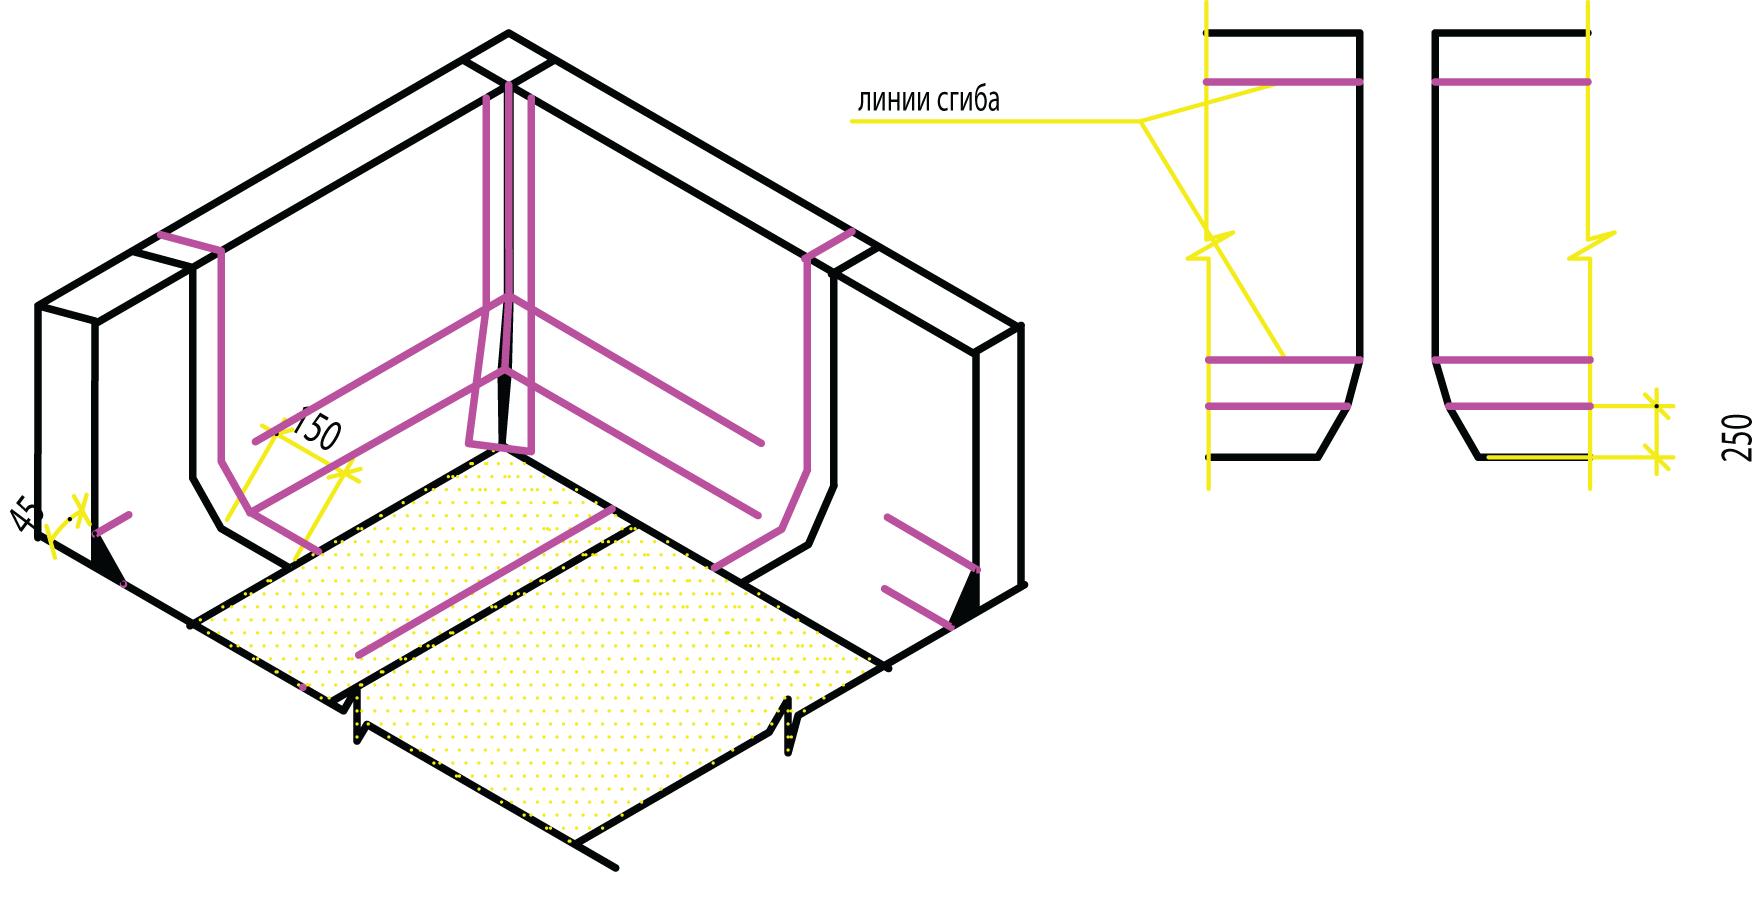 Нужна ли гидроизоляция фундамента внутри дома